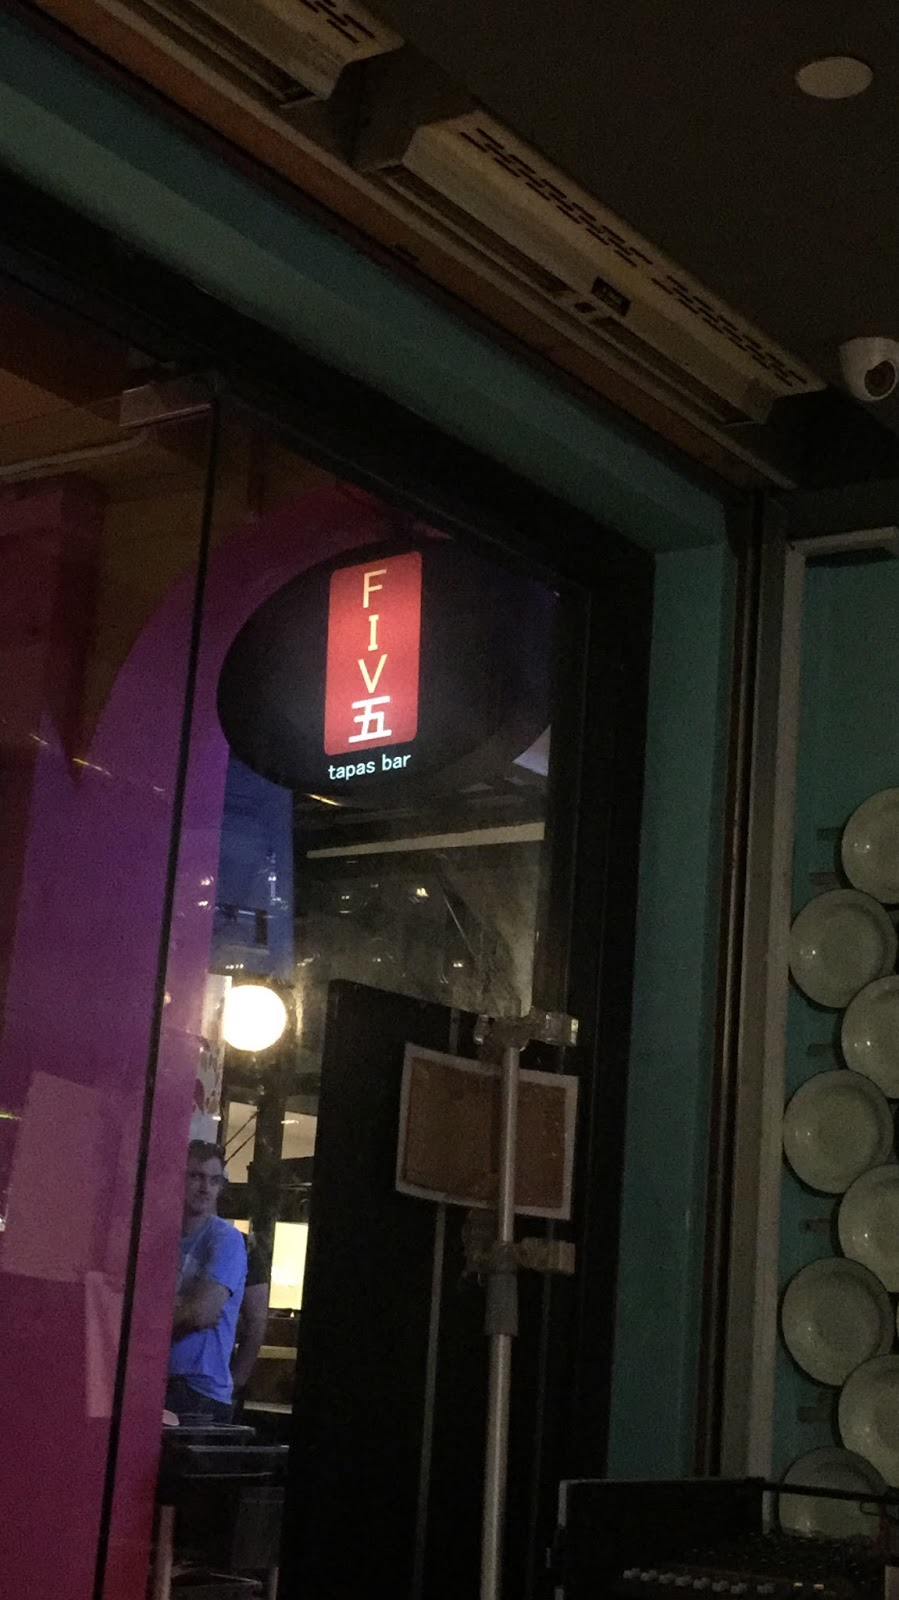 five tapas bar somerset